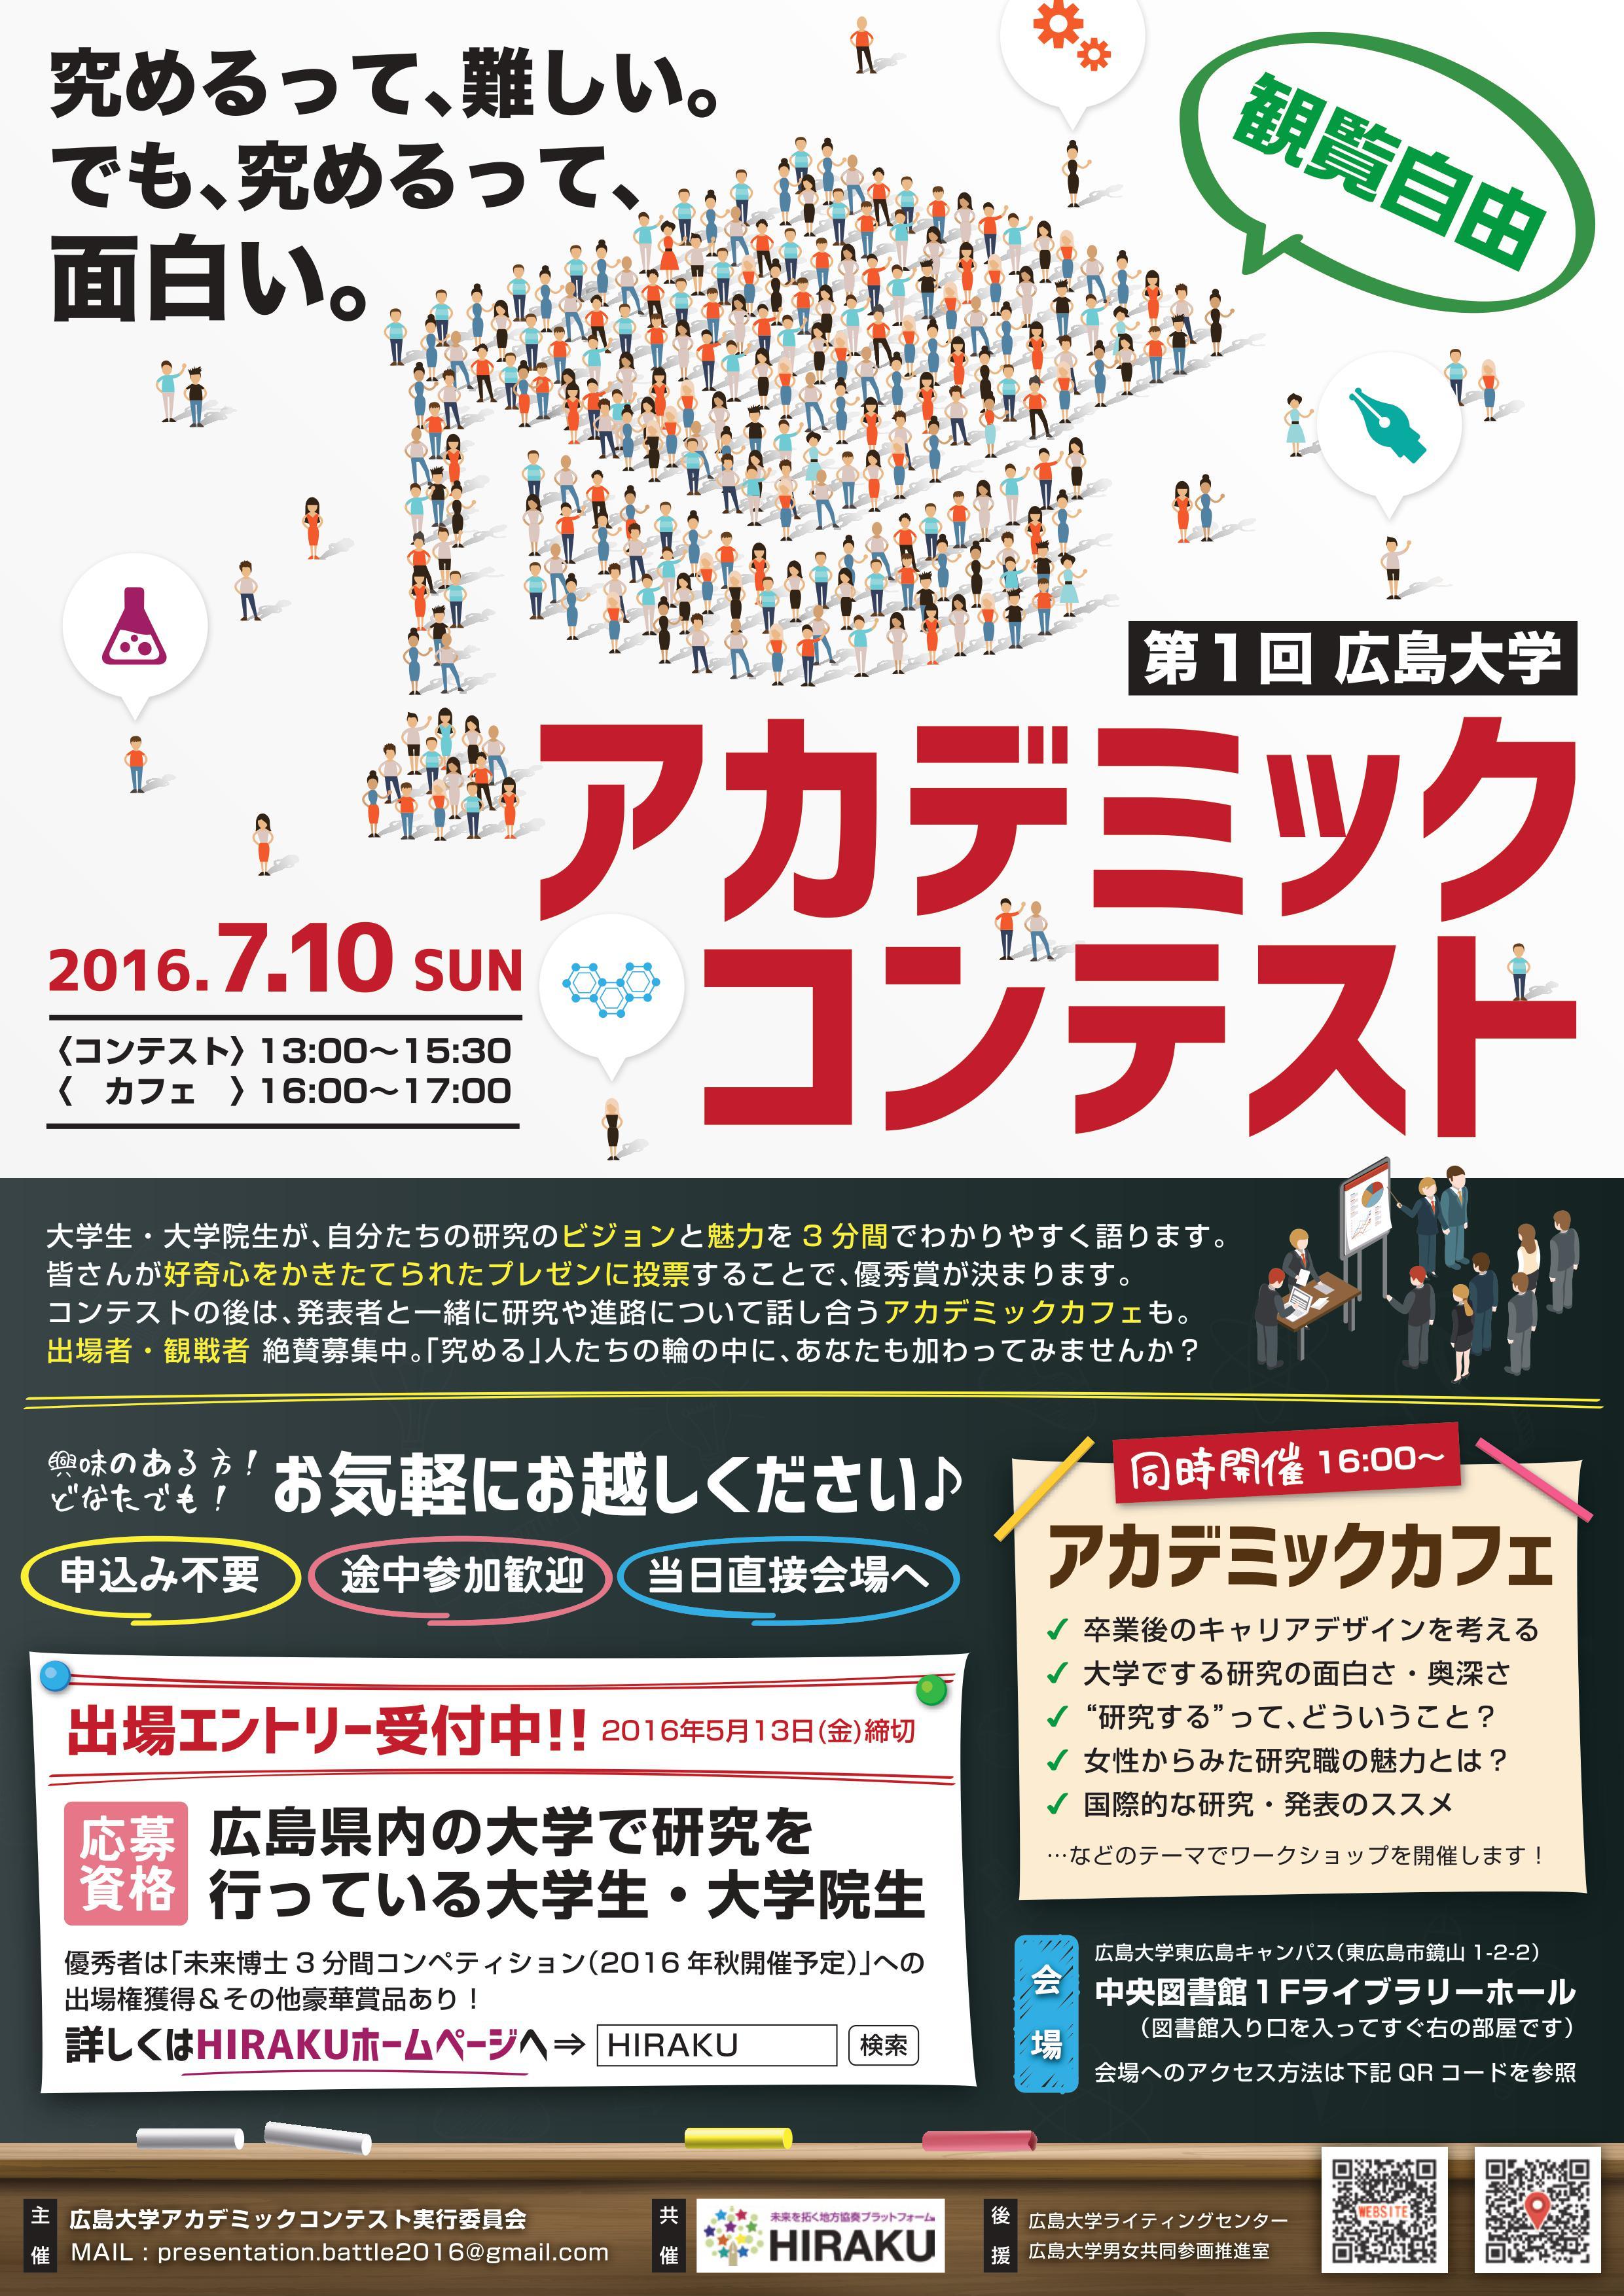 第1回広島大学アカデミックコンテスト